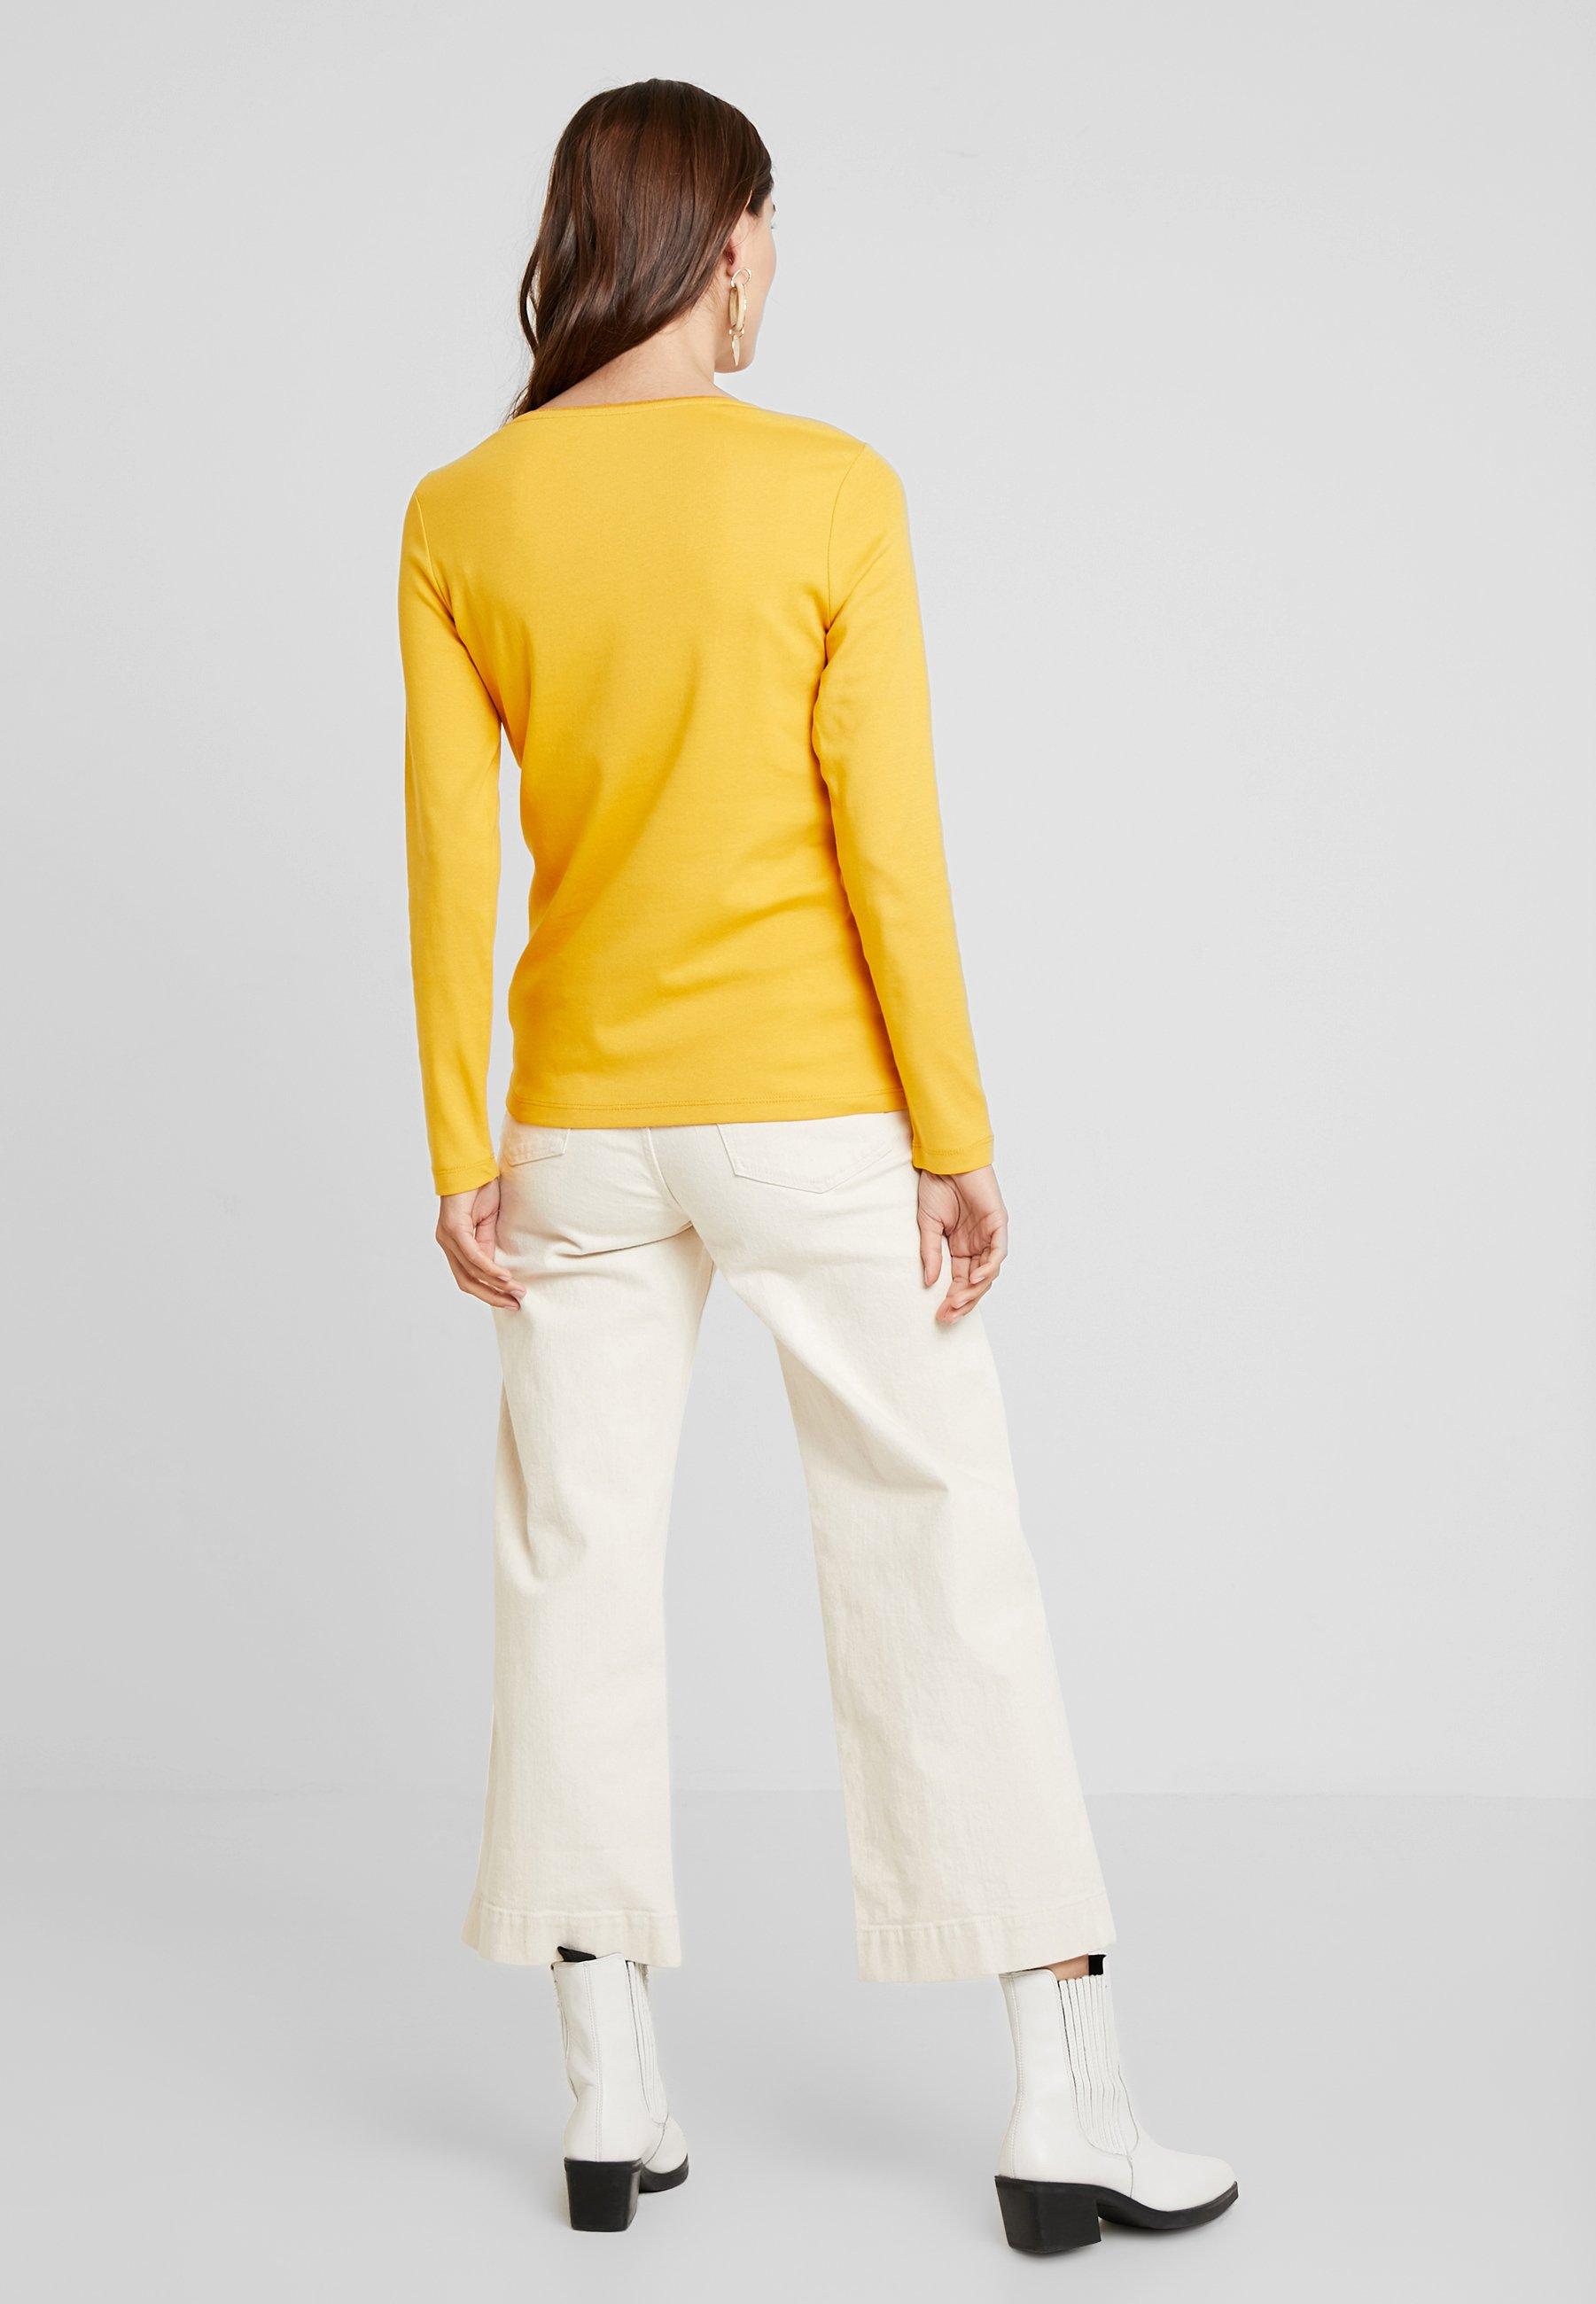 À Merigold Yellow DetailT Longues Tailor Tom shirt Manches LGqMSUzVp